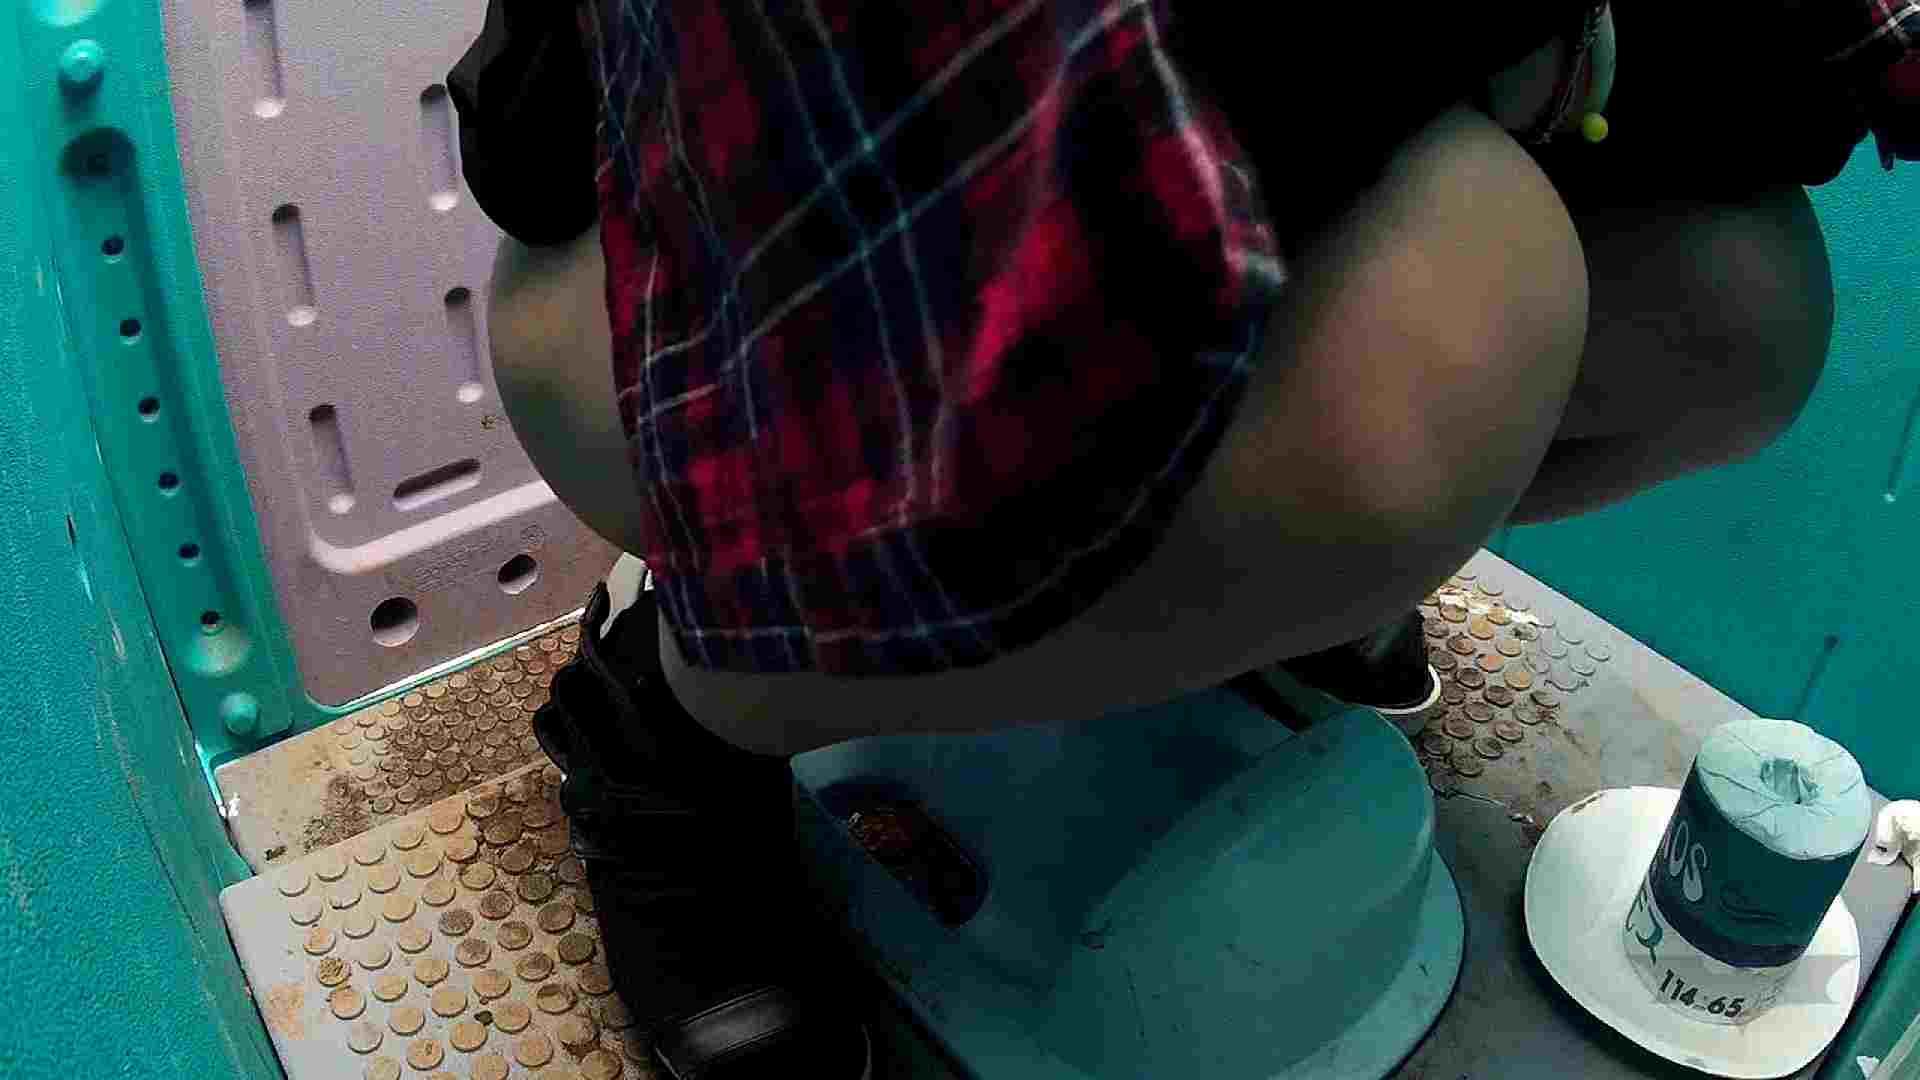 痴態洗面所 Vol.06 中が「マジヤバいヨネ!」洗面所 洗面所着替え | OL  100連発 44